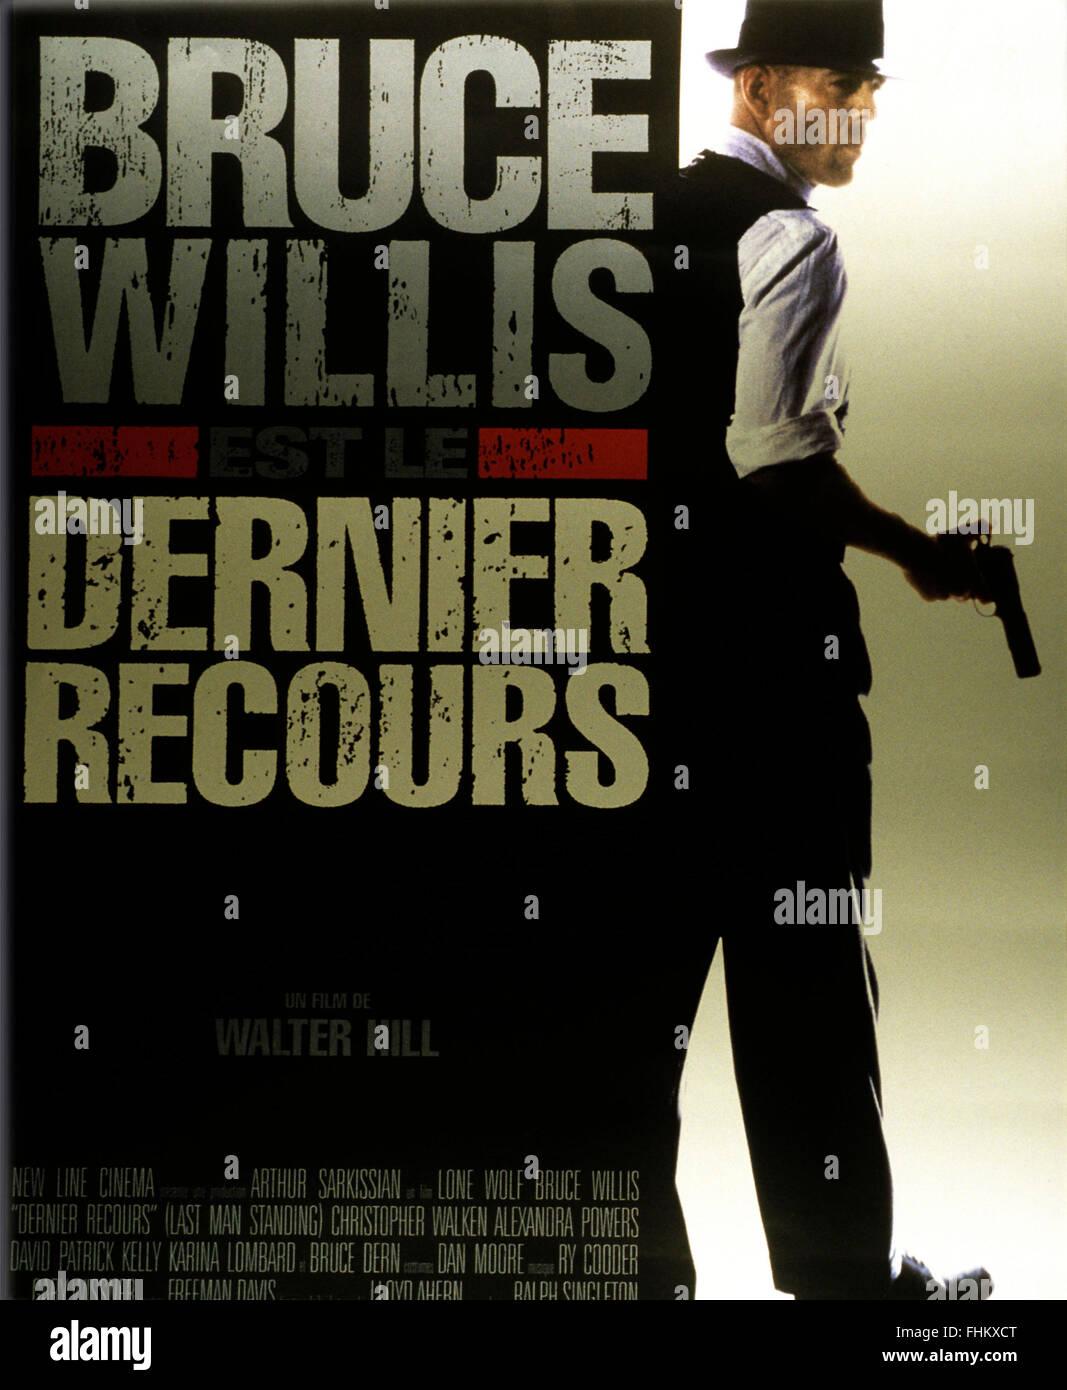 BRUCE WILLIS RECOURS LE DERNIER TÉLÉCHARGER